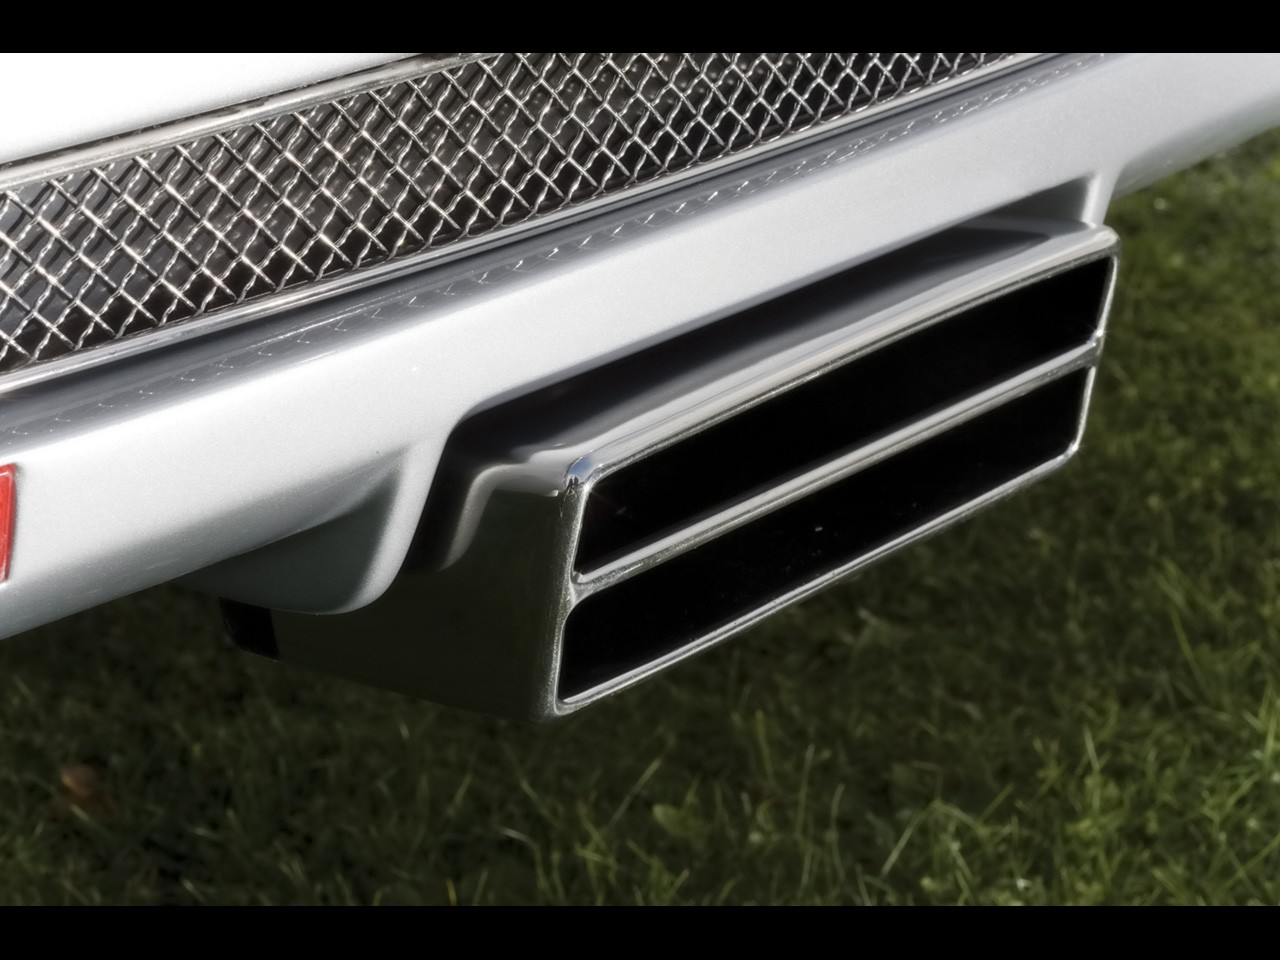 2008 Arden Range Rover AR7 Tailpipe